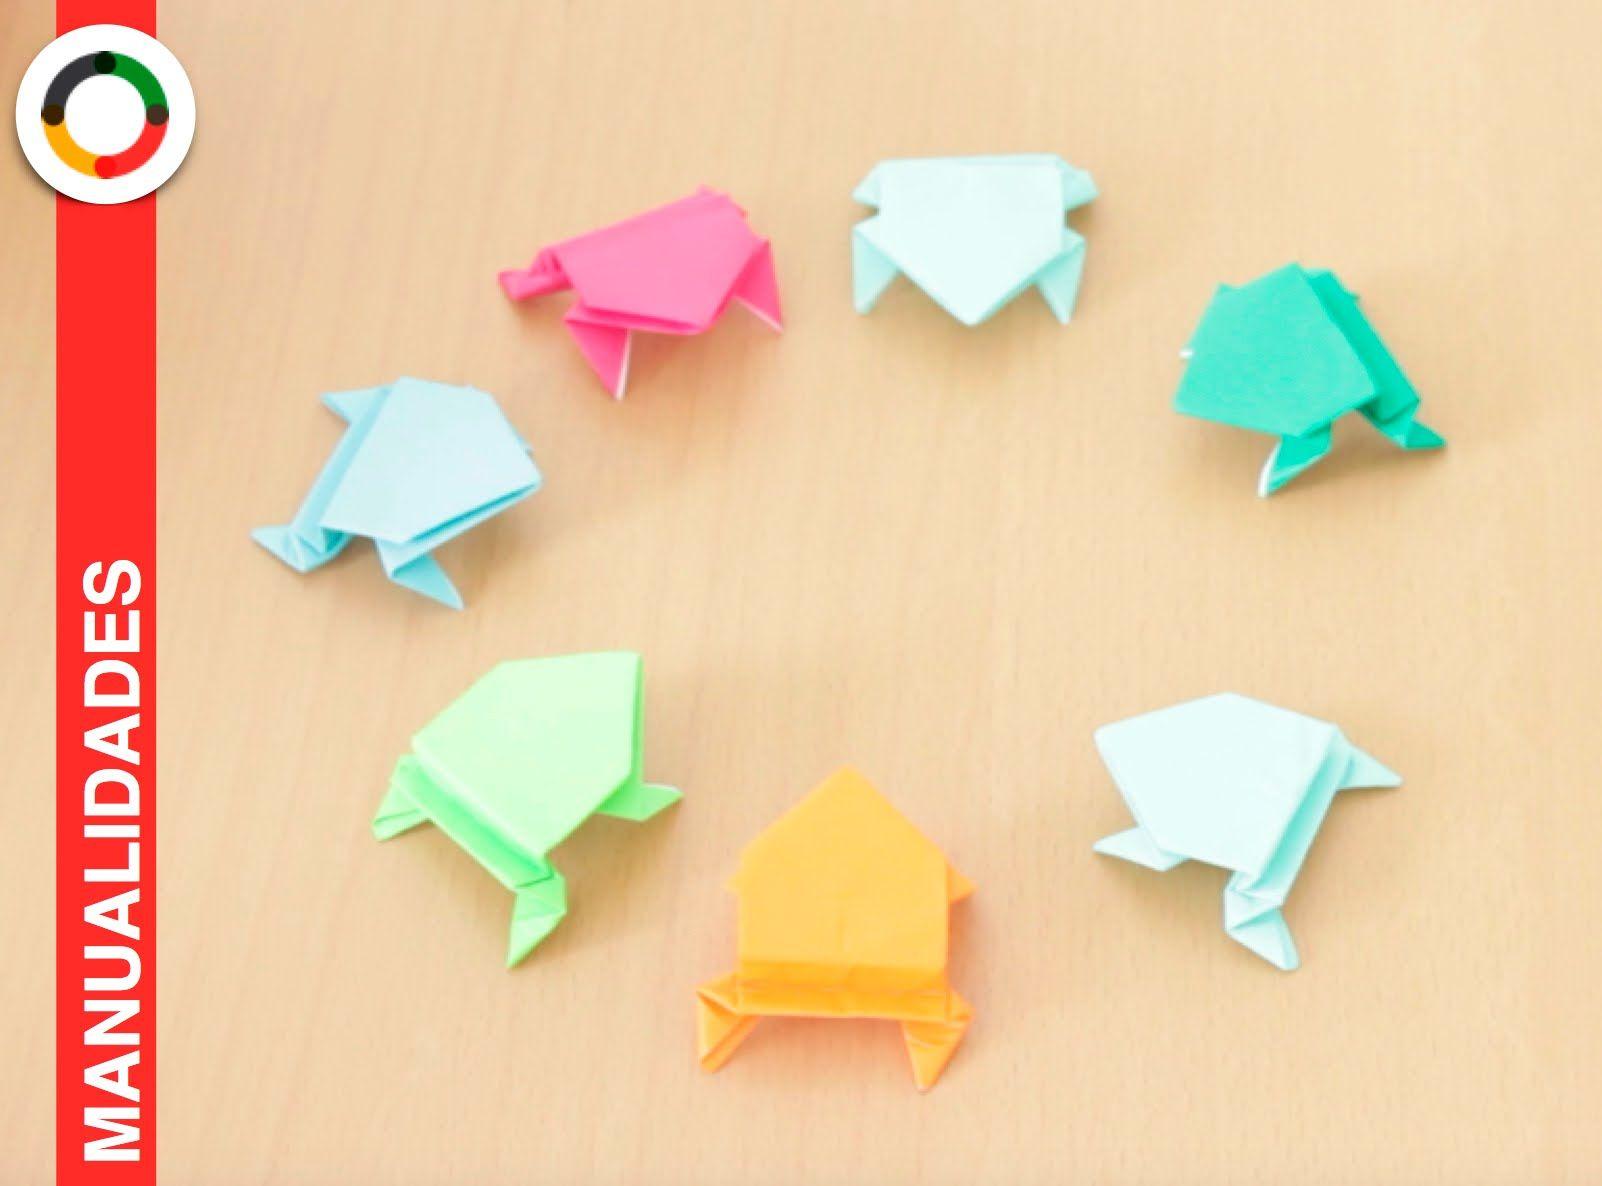 Como Hacer Ranitas Saltarinas De Papel Manualidades Rana De Origami Origami Facil Para Ninos